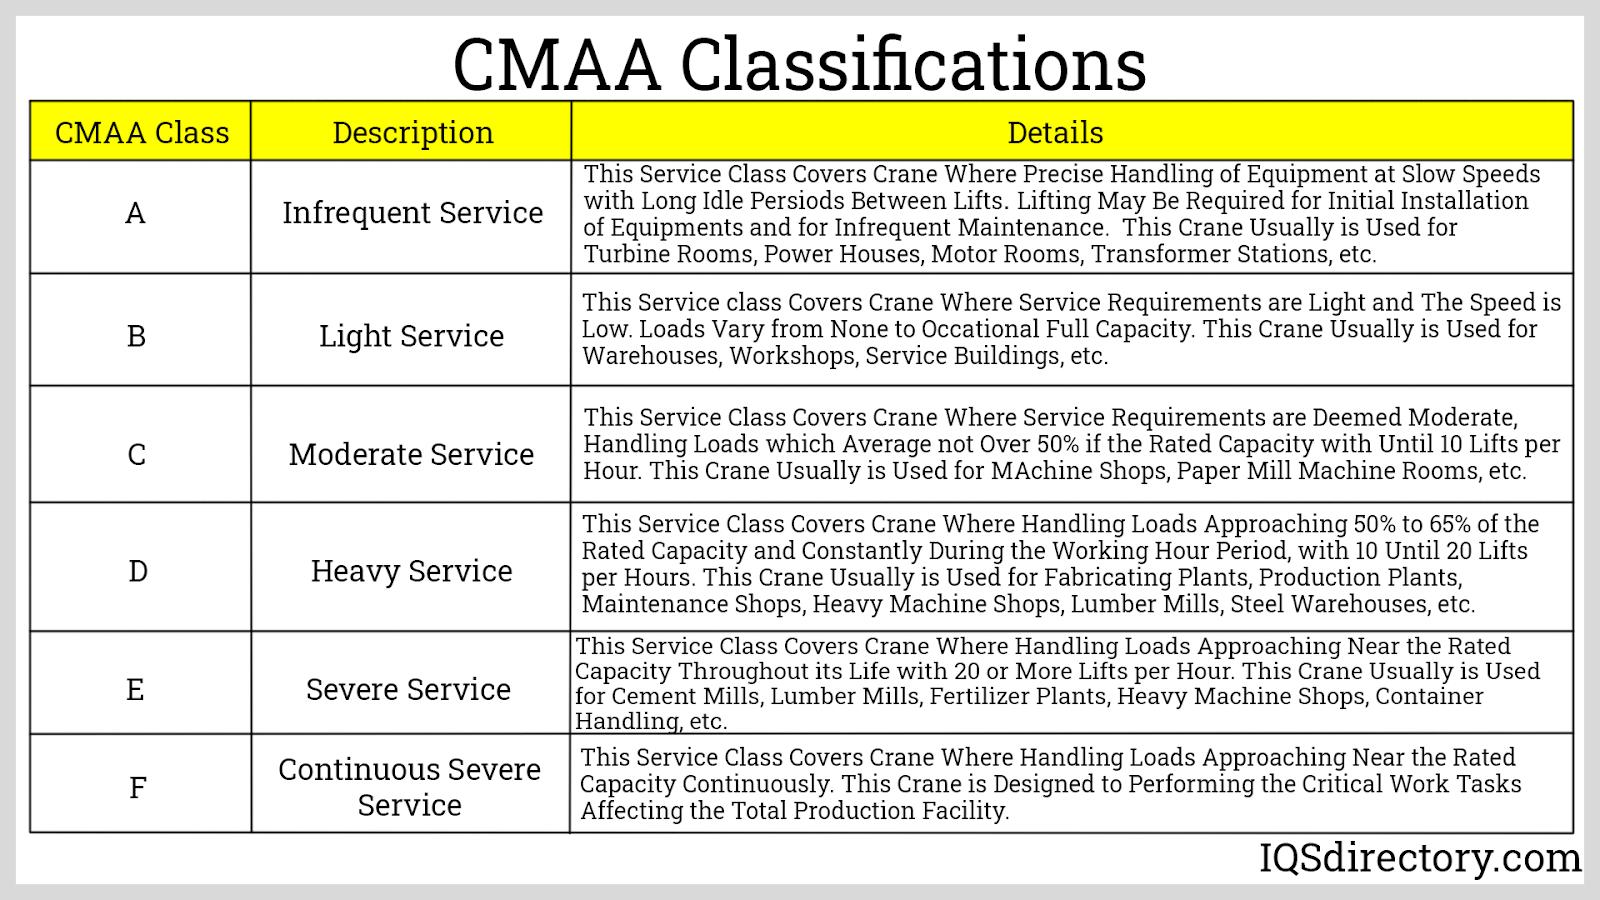 CMAA Classifications